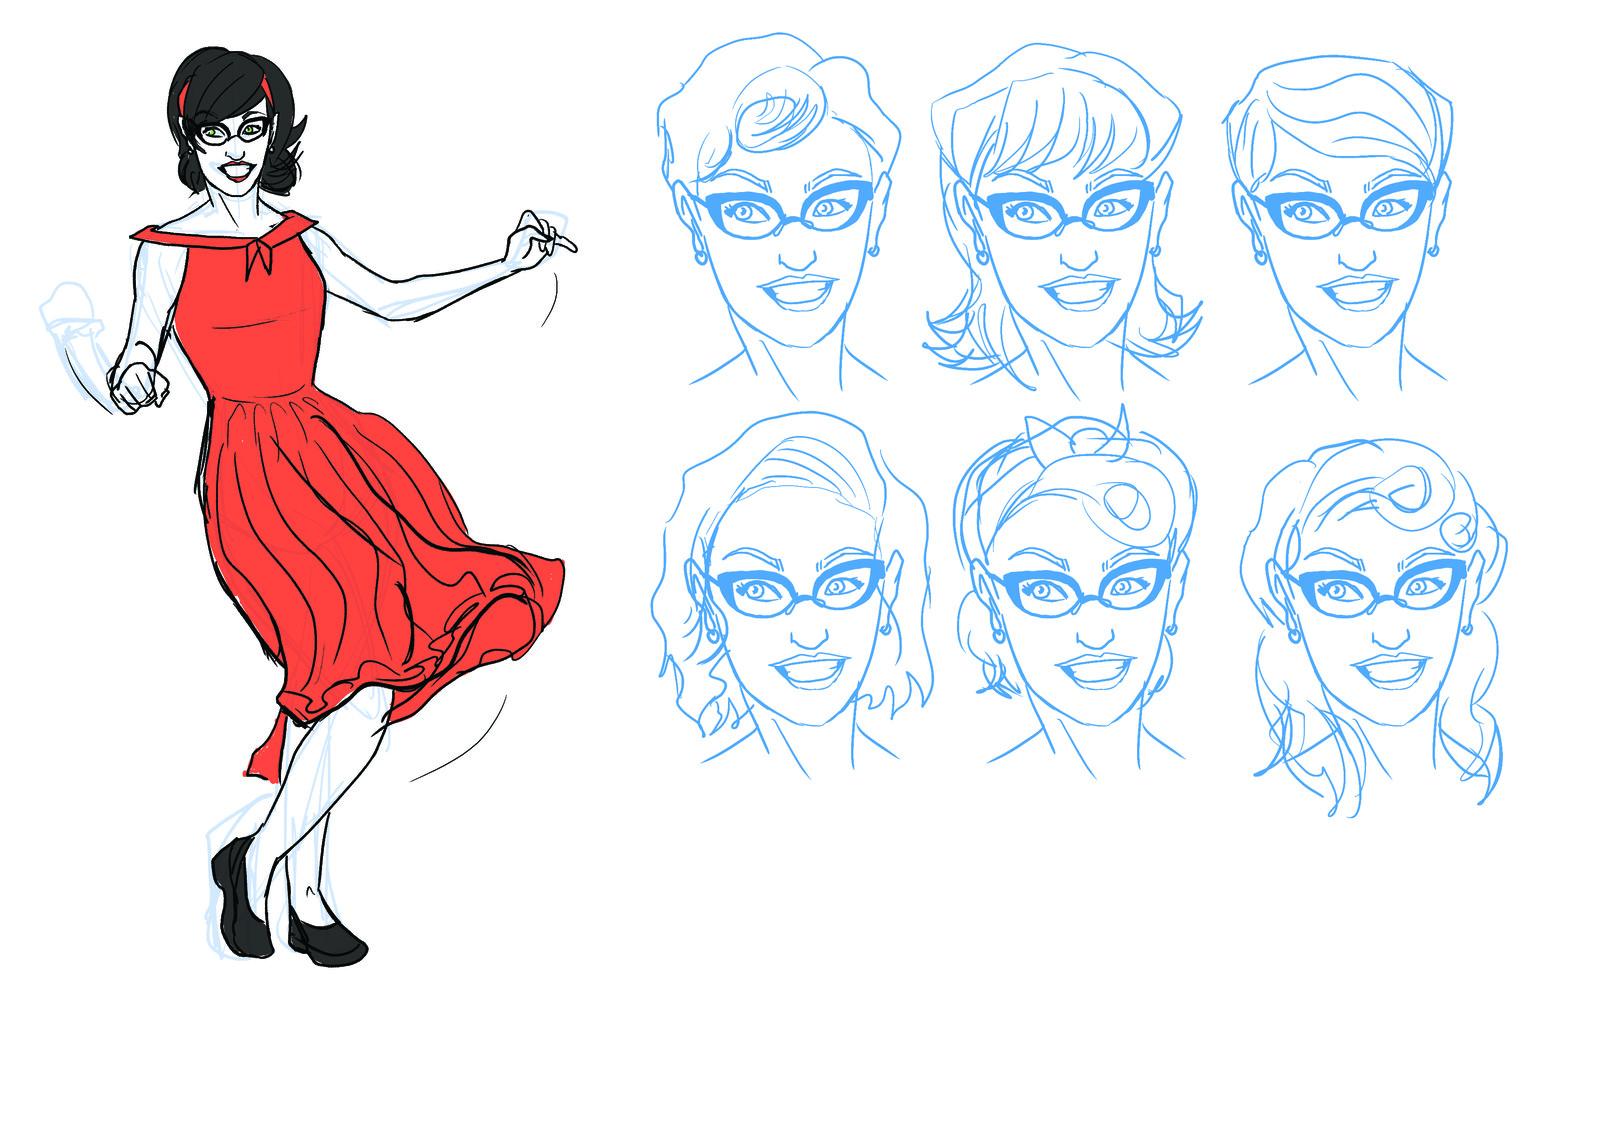 Kate Concept Art - Set 1